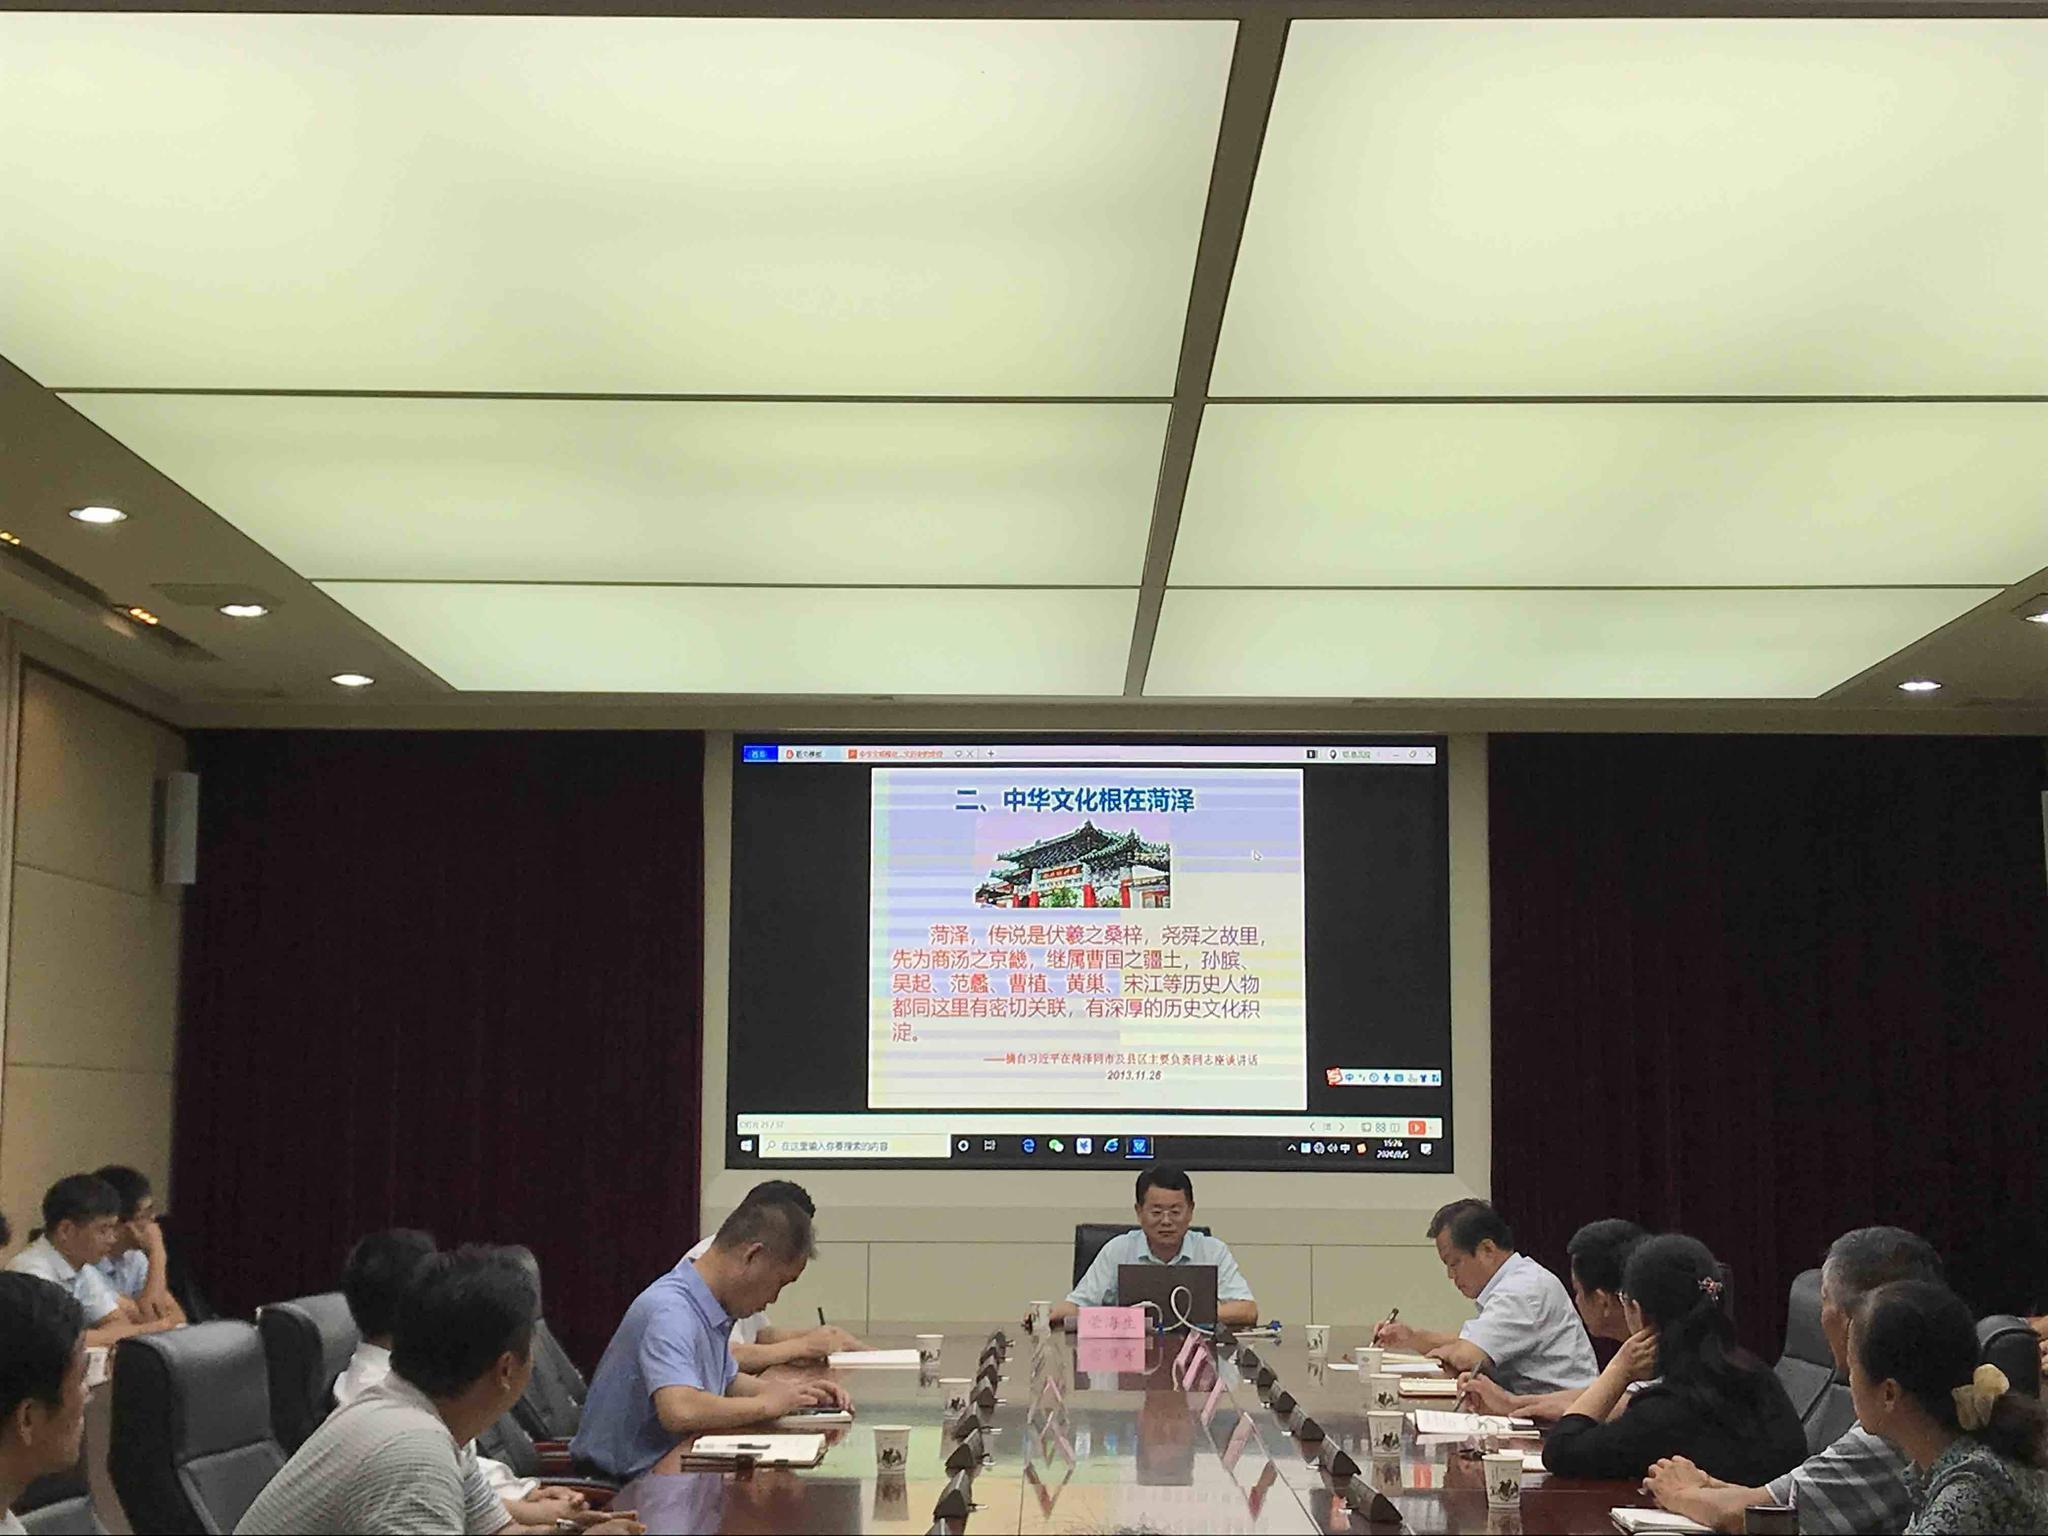 菏泽市委机关举办菏泽传统文化专题讲座